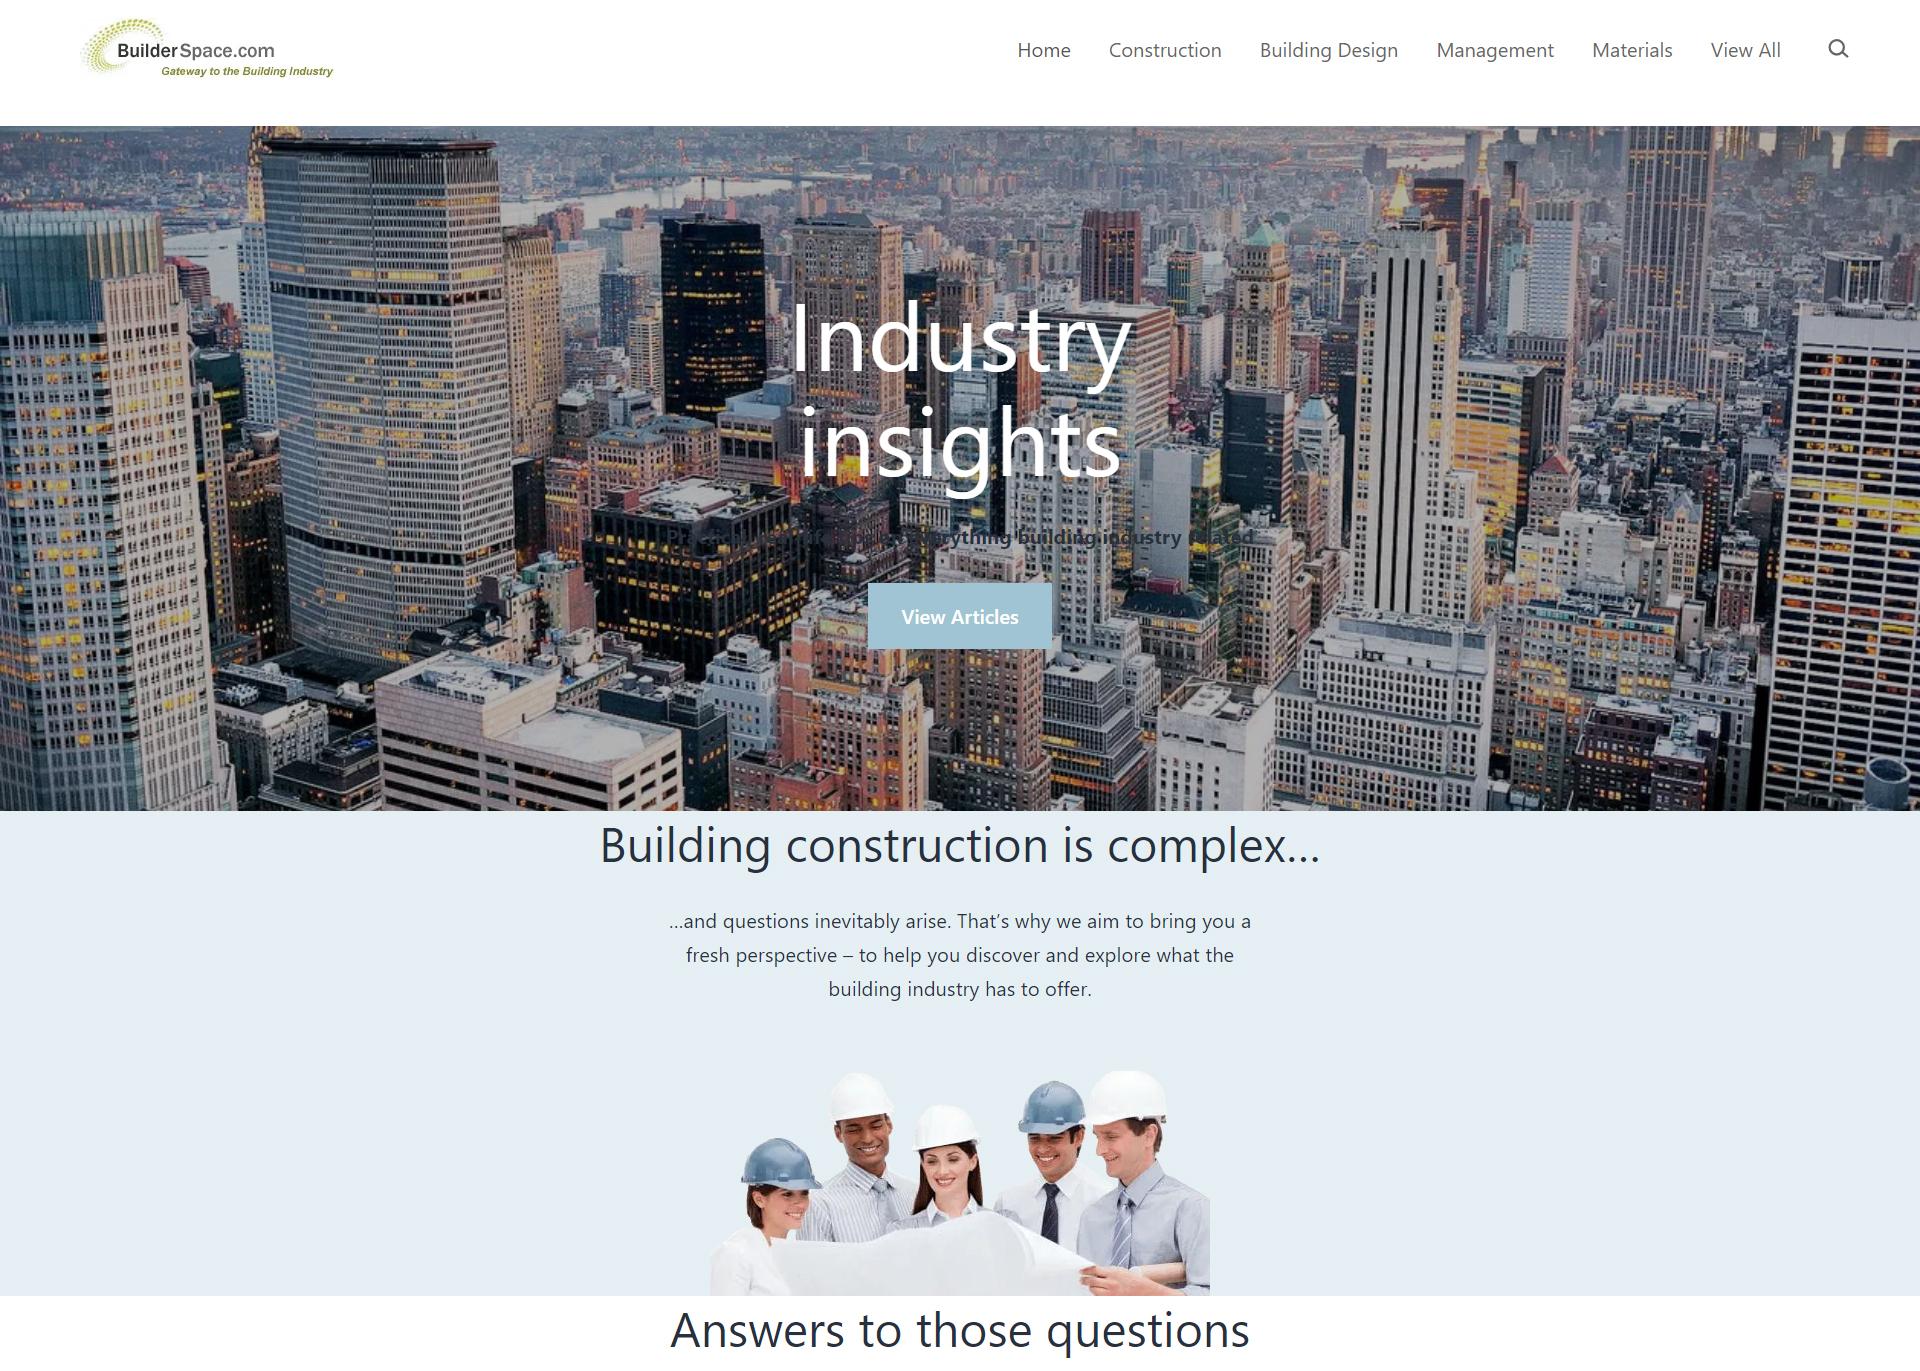 builderspace.com